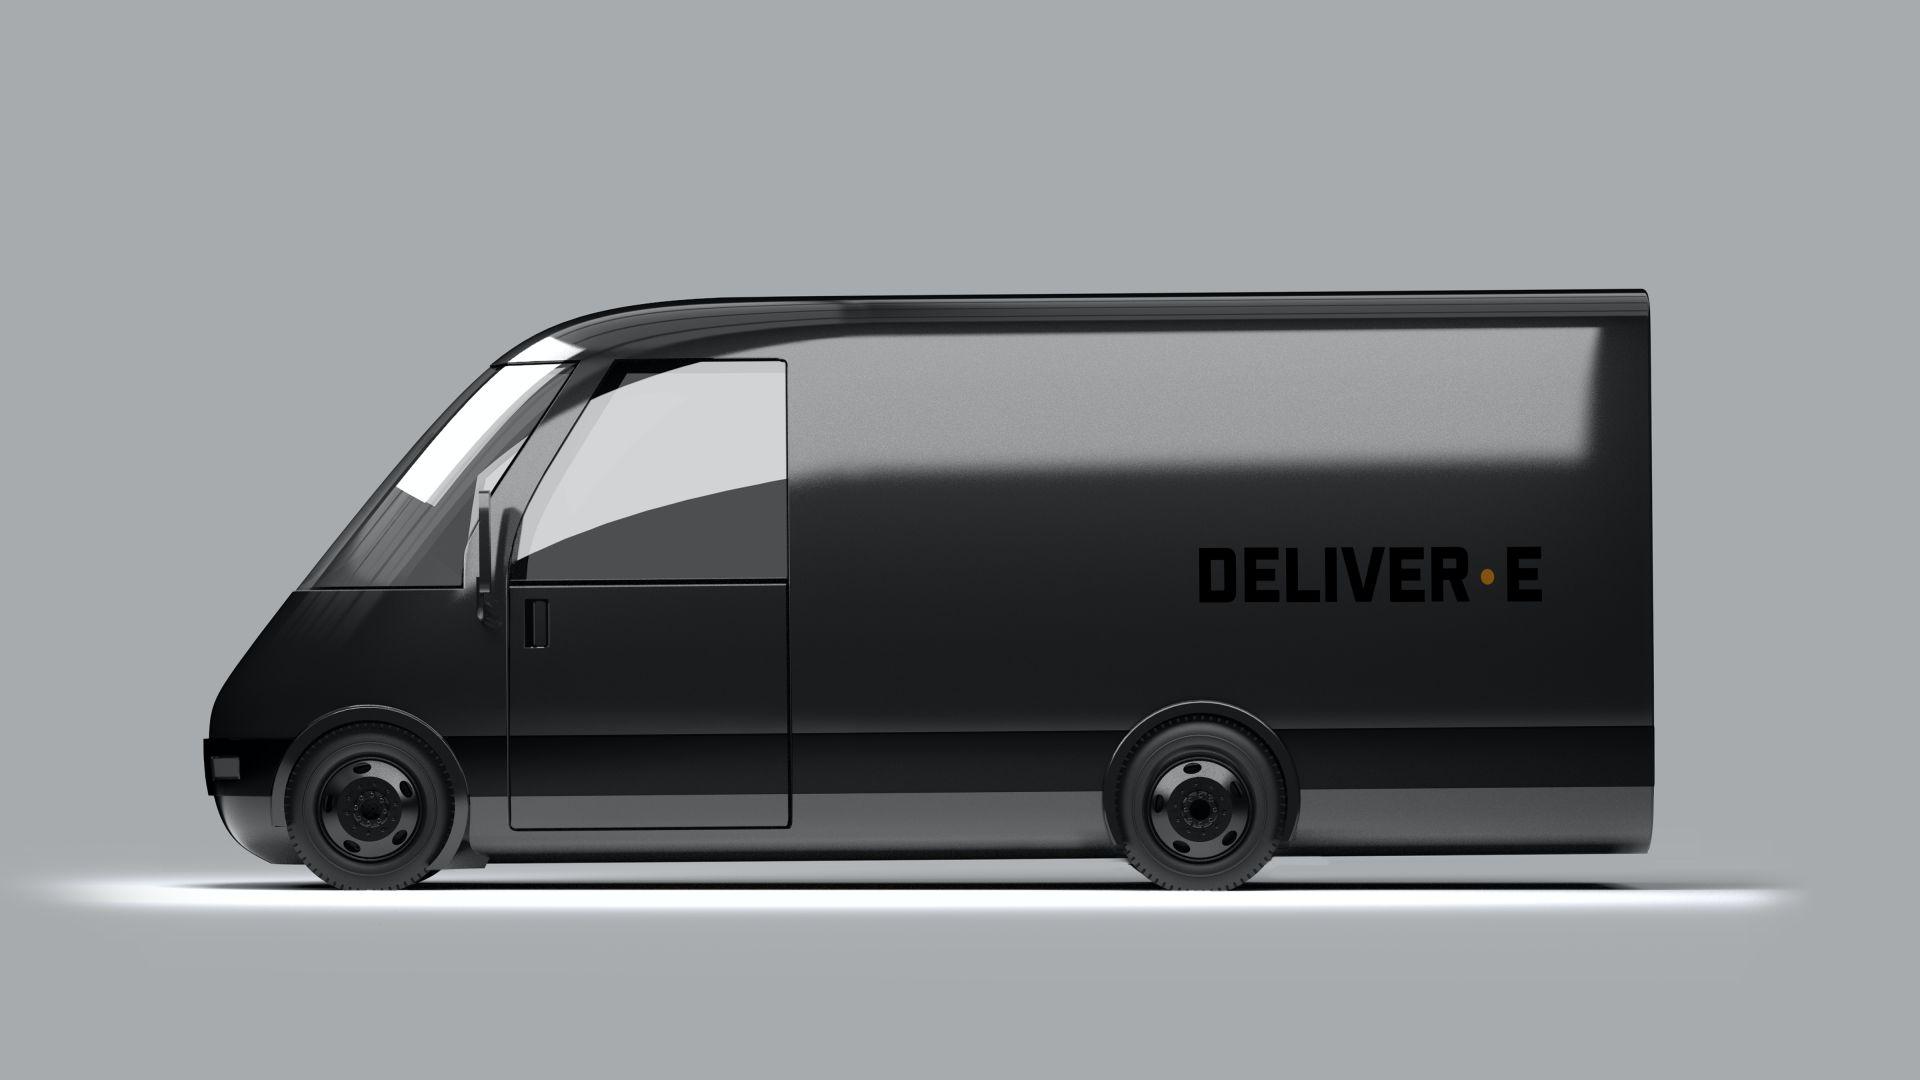 Bollinger-Deliver-E-van-8